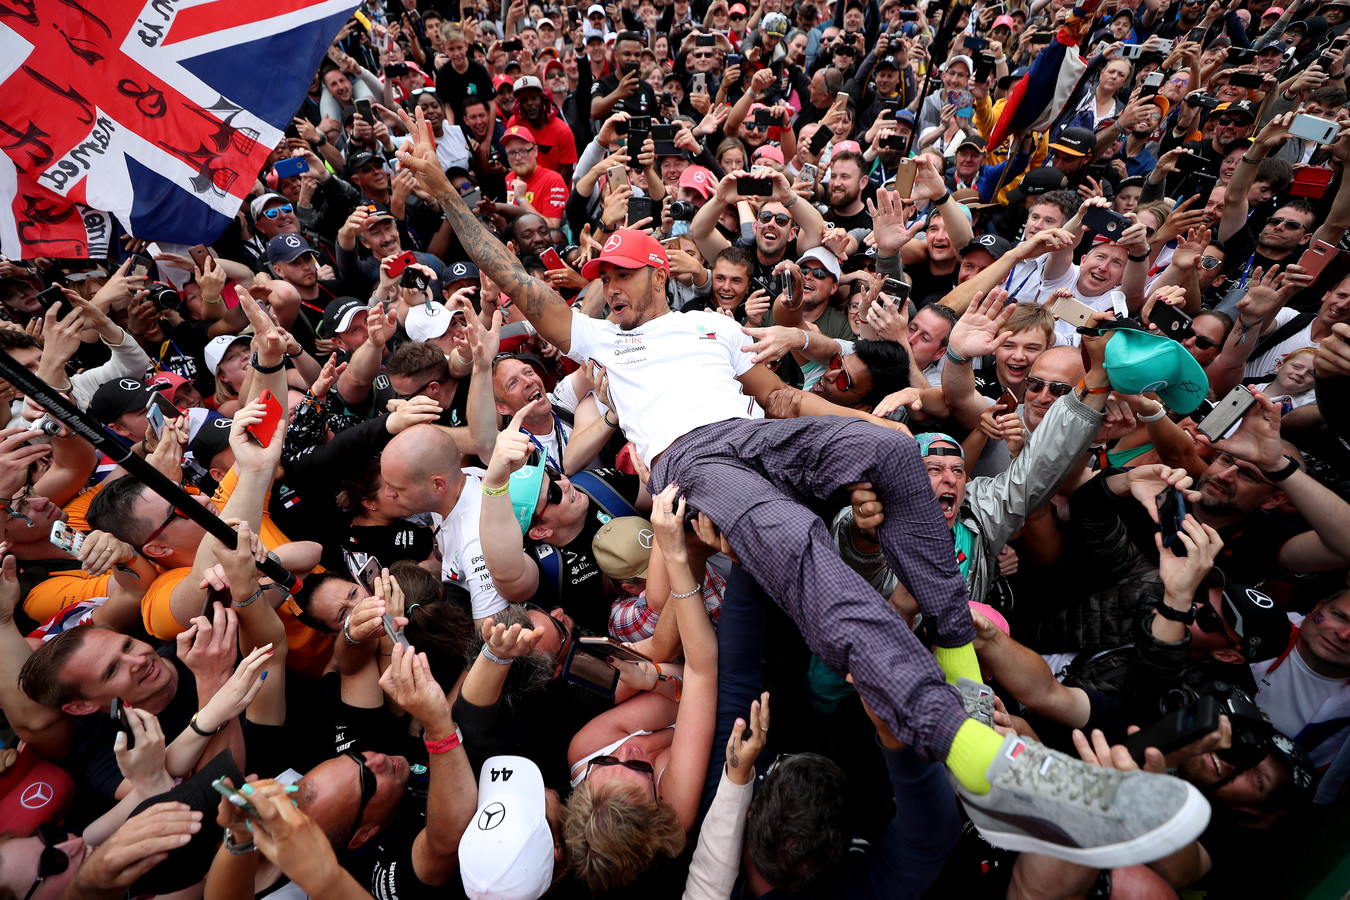 Ondenkbaar in 2020: Lewis Hamilton gaat bij het circuit van Silverstone op in de menigte.